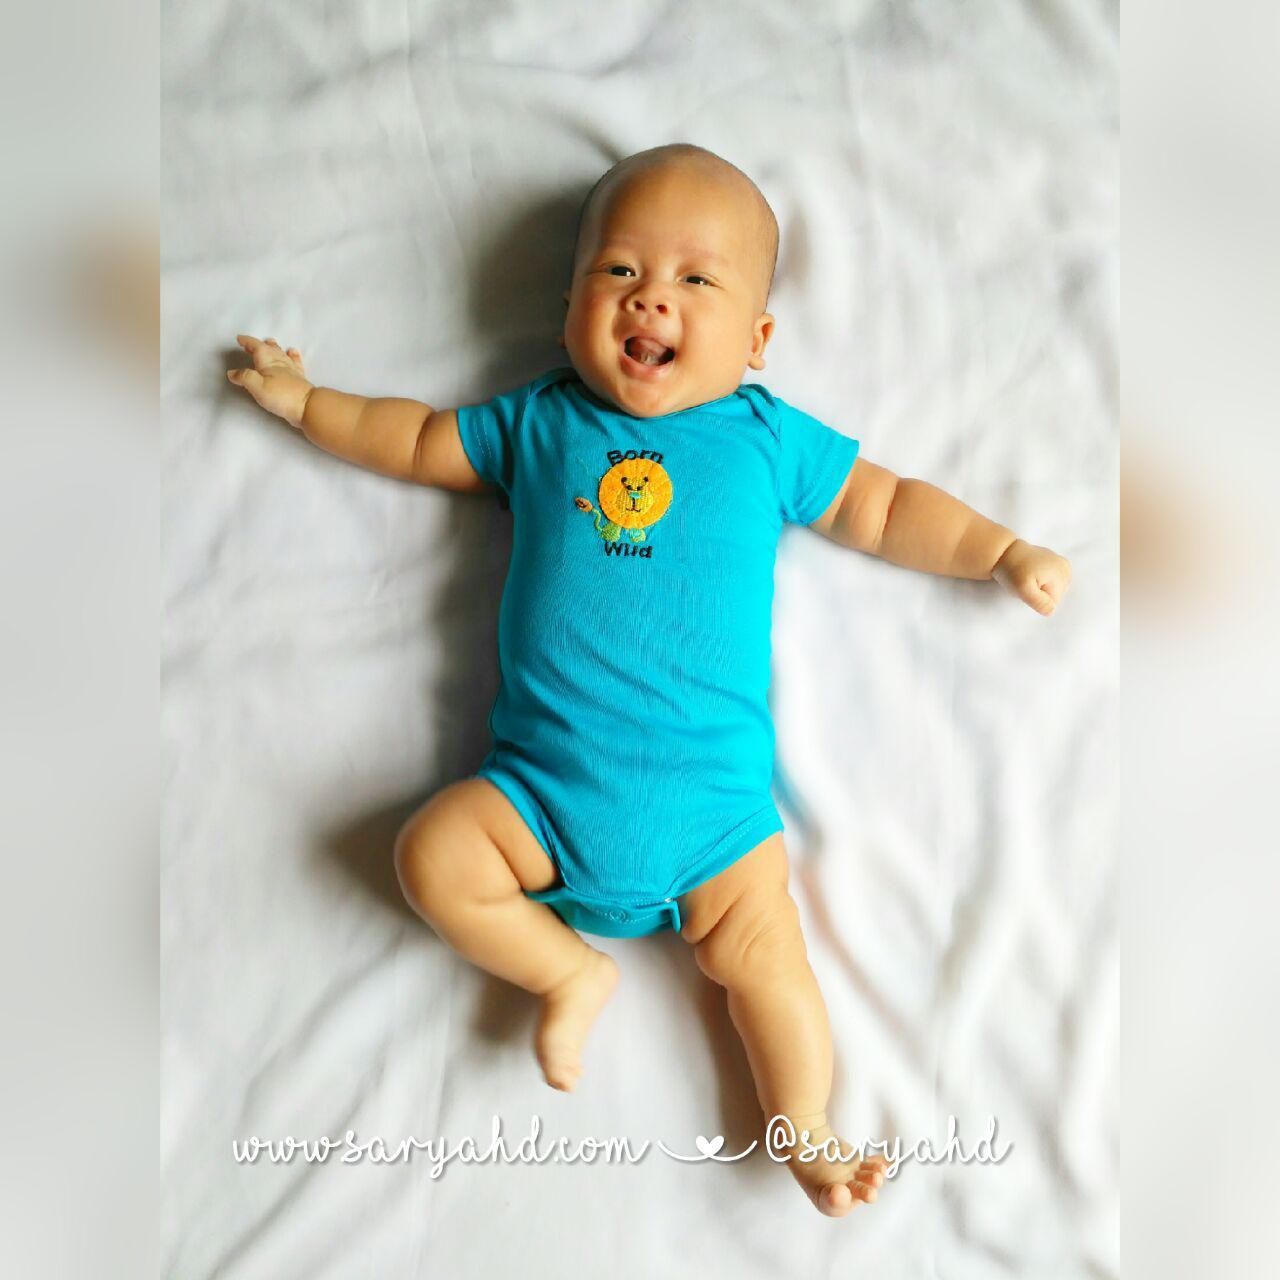 jurnal kesehatan tentang pijat bayi